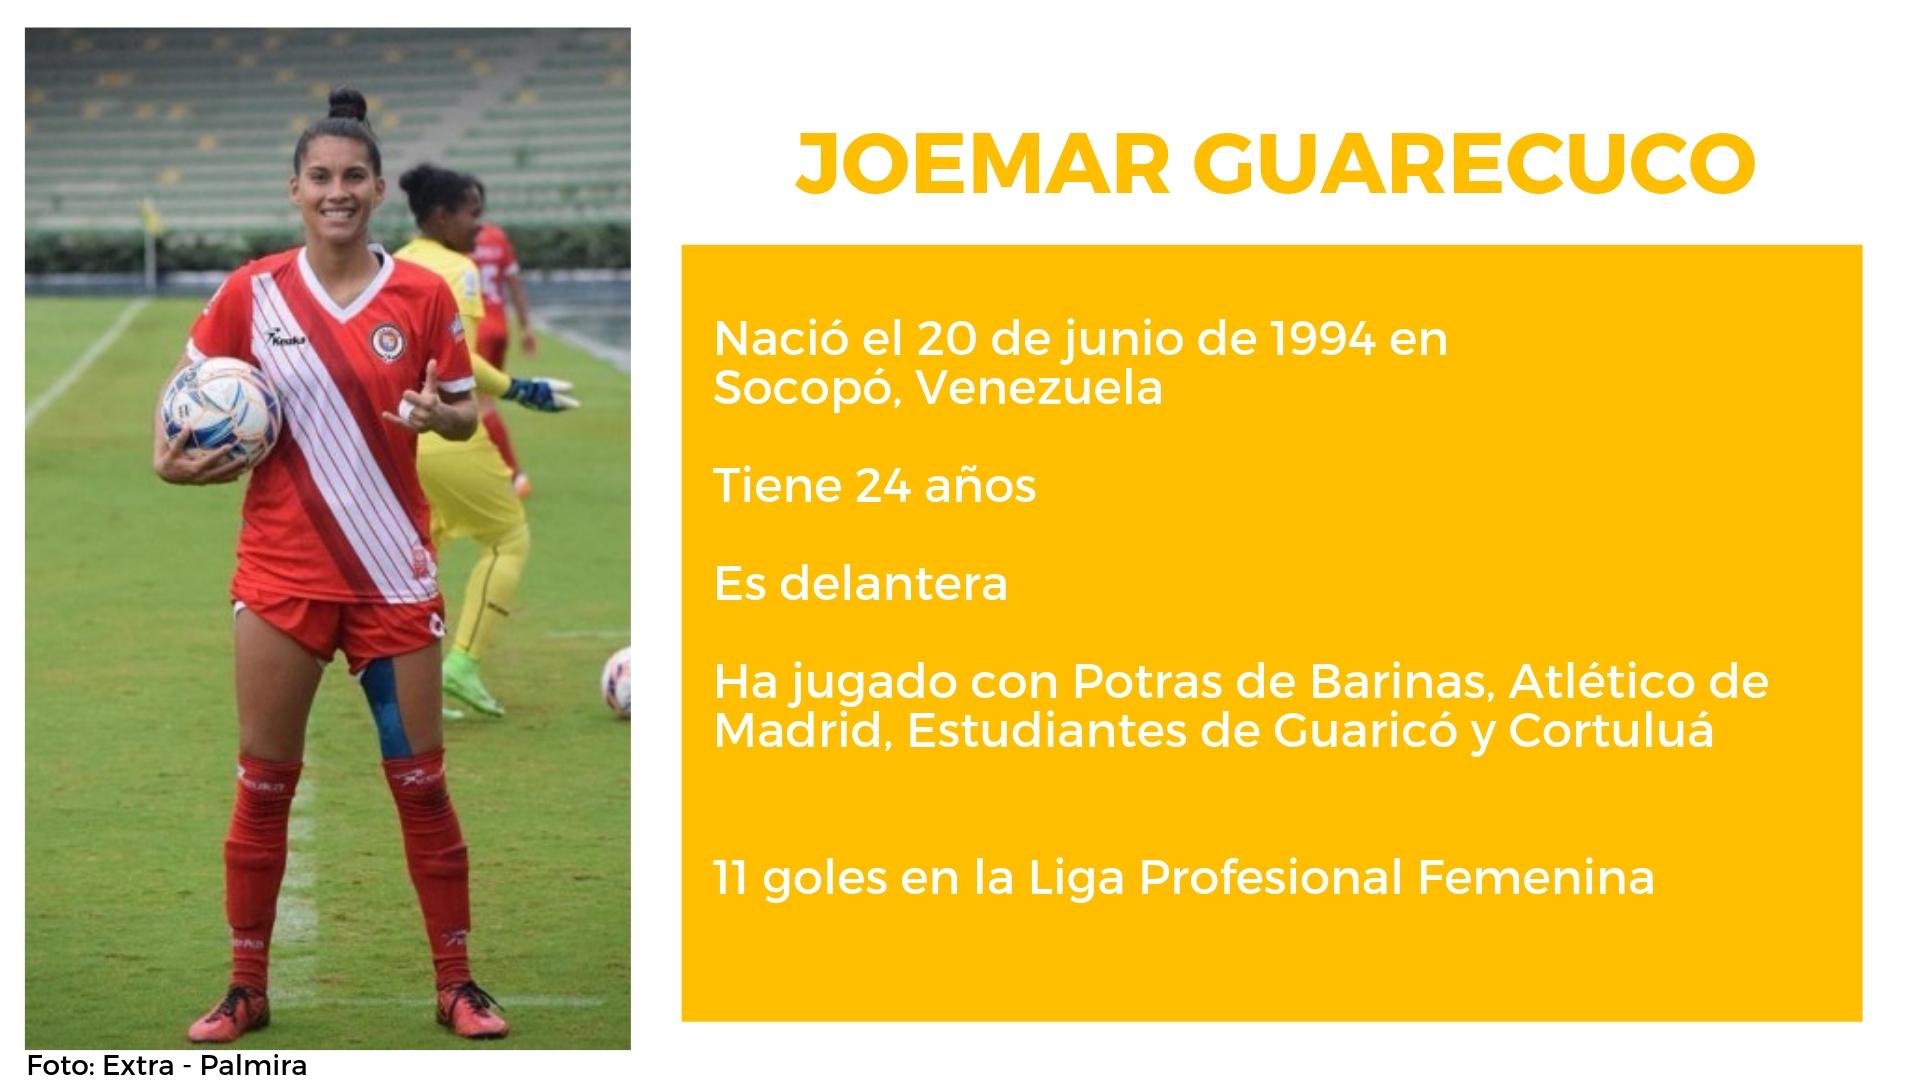 Joemar Guarecuco